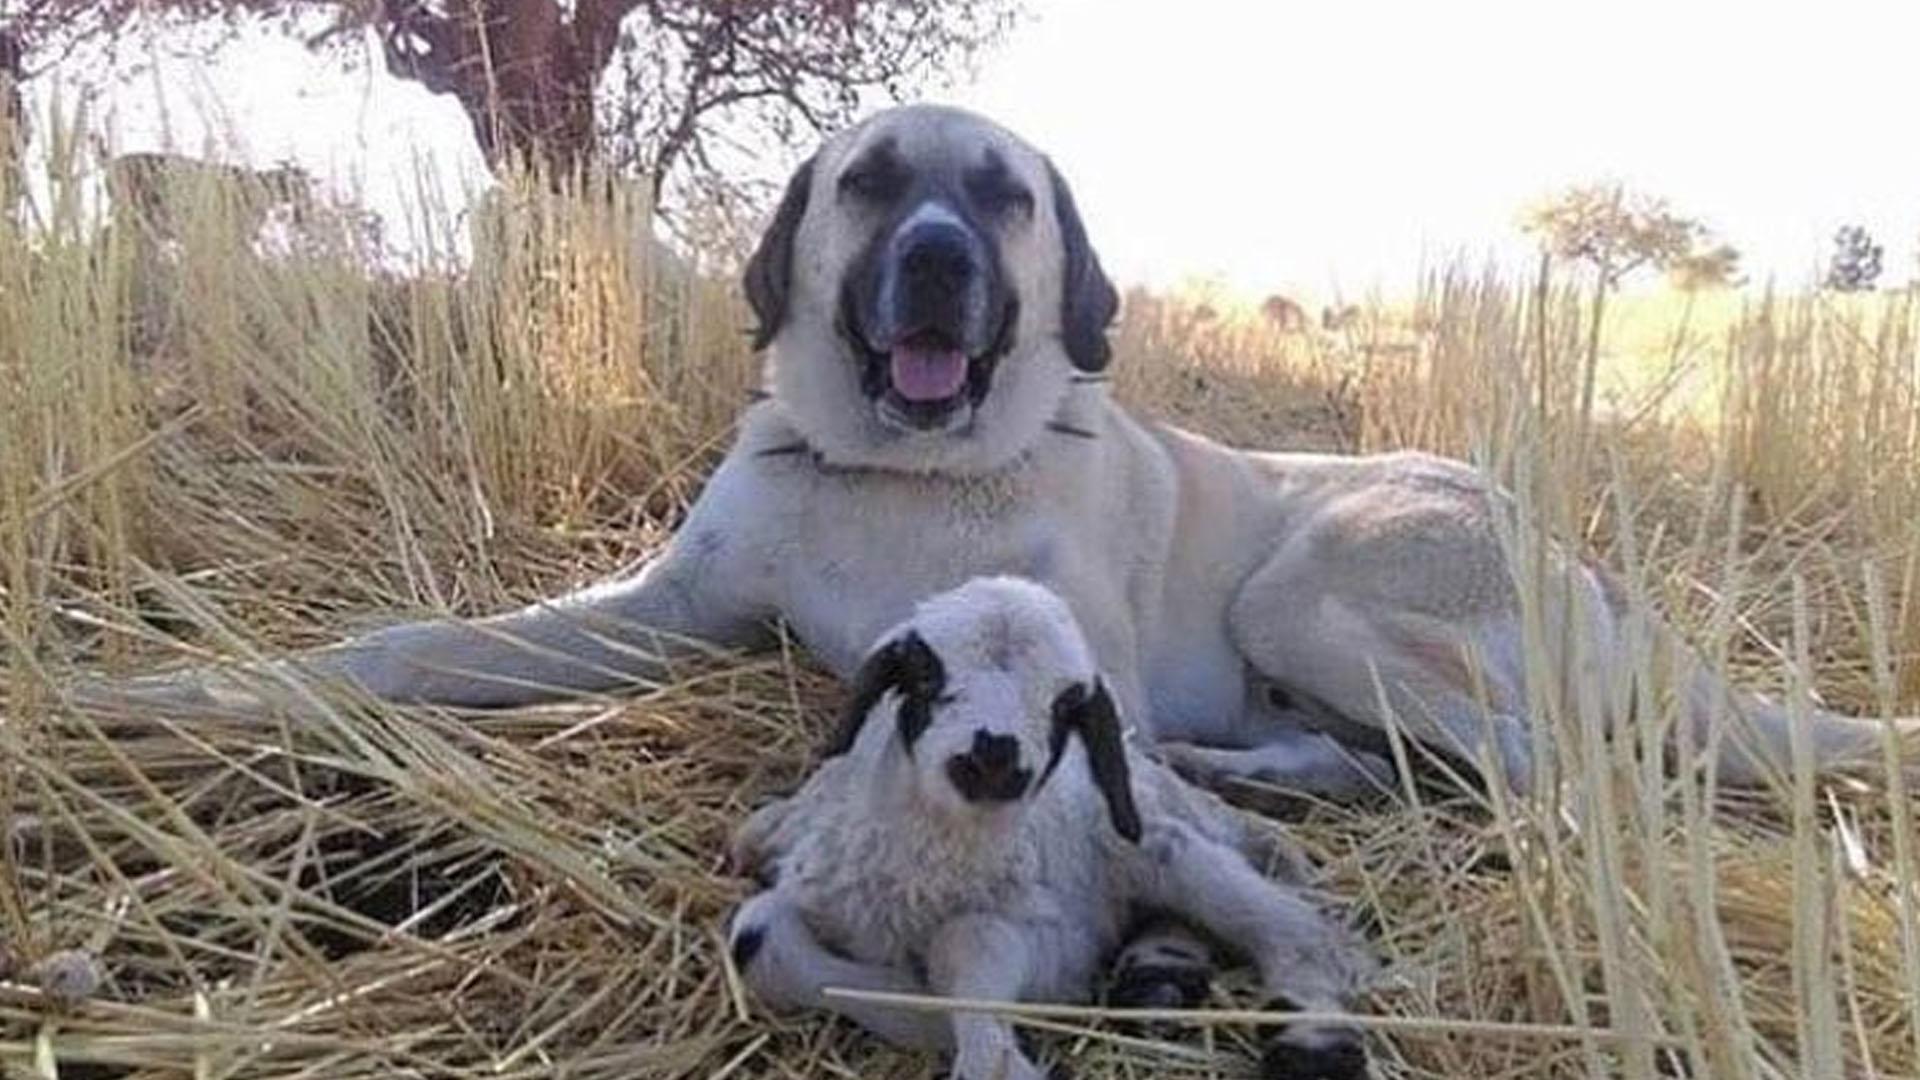 Kuzunun başında bekleyen fedakar köpek